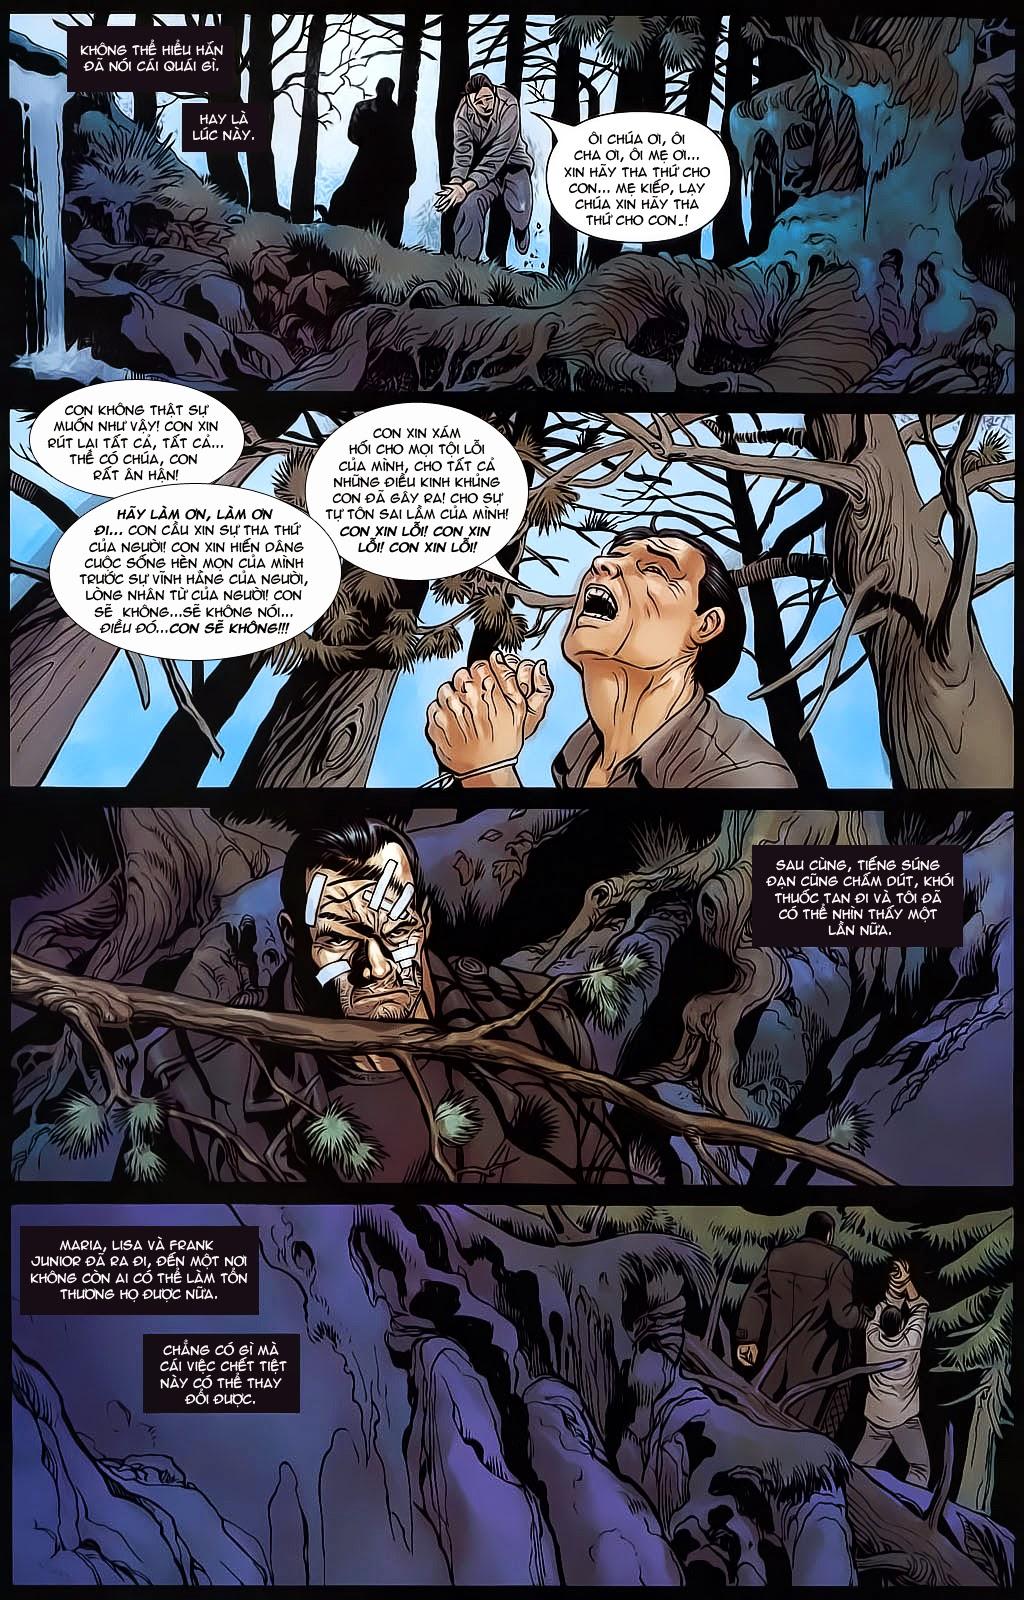 The Punisher: Trên là Dưới & Trắng là Đen chap 6 - Trang 22